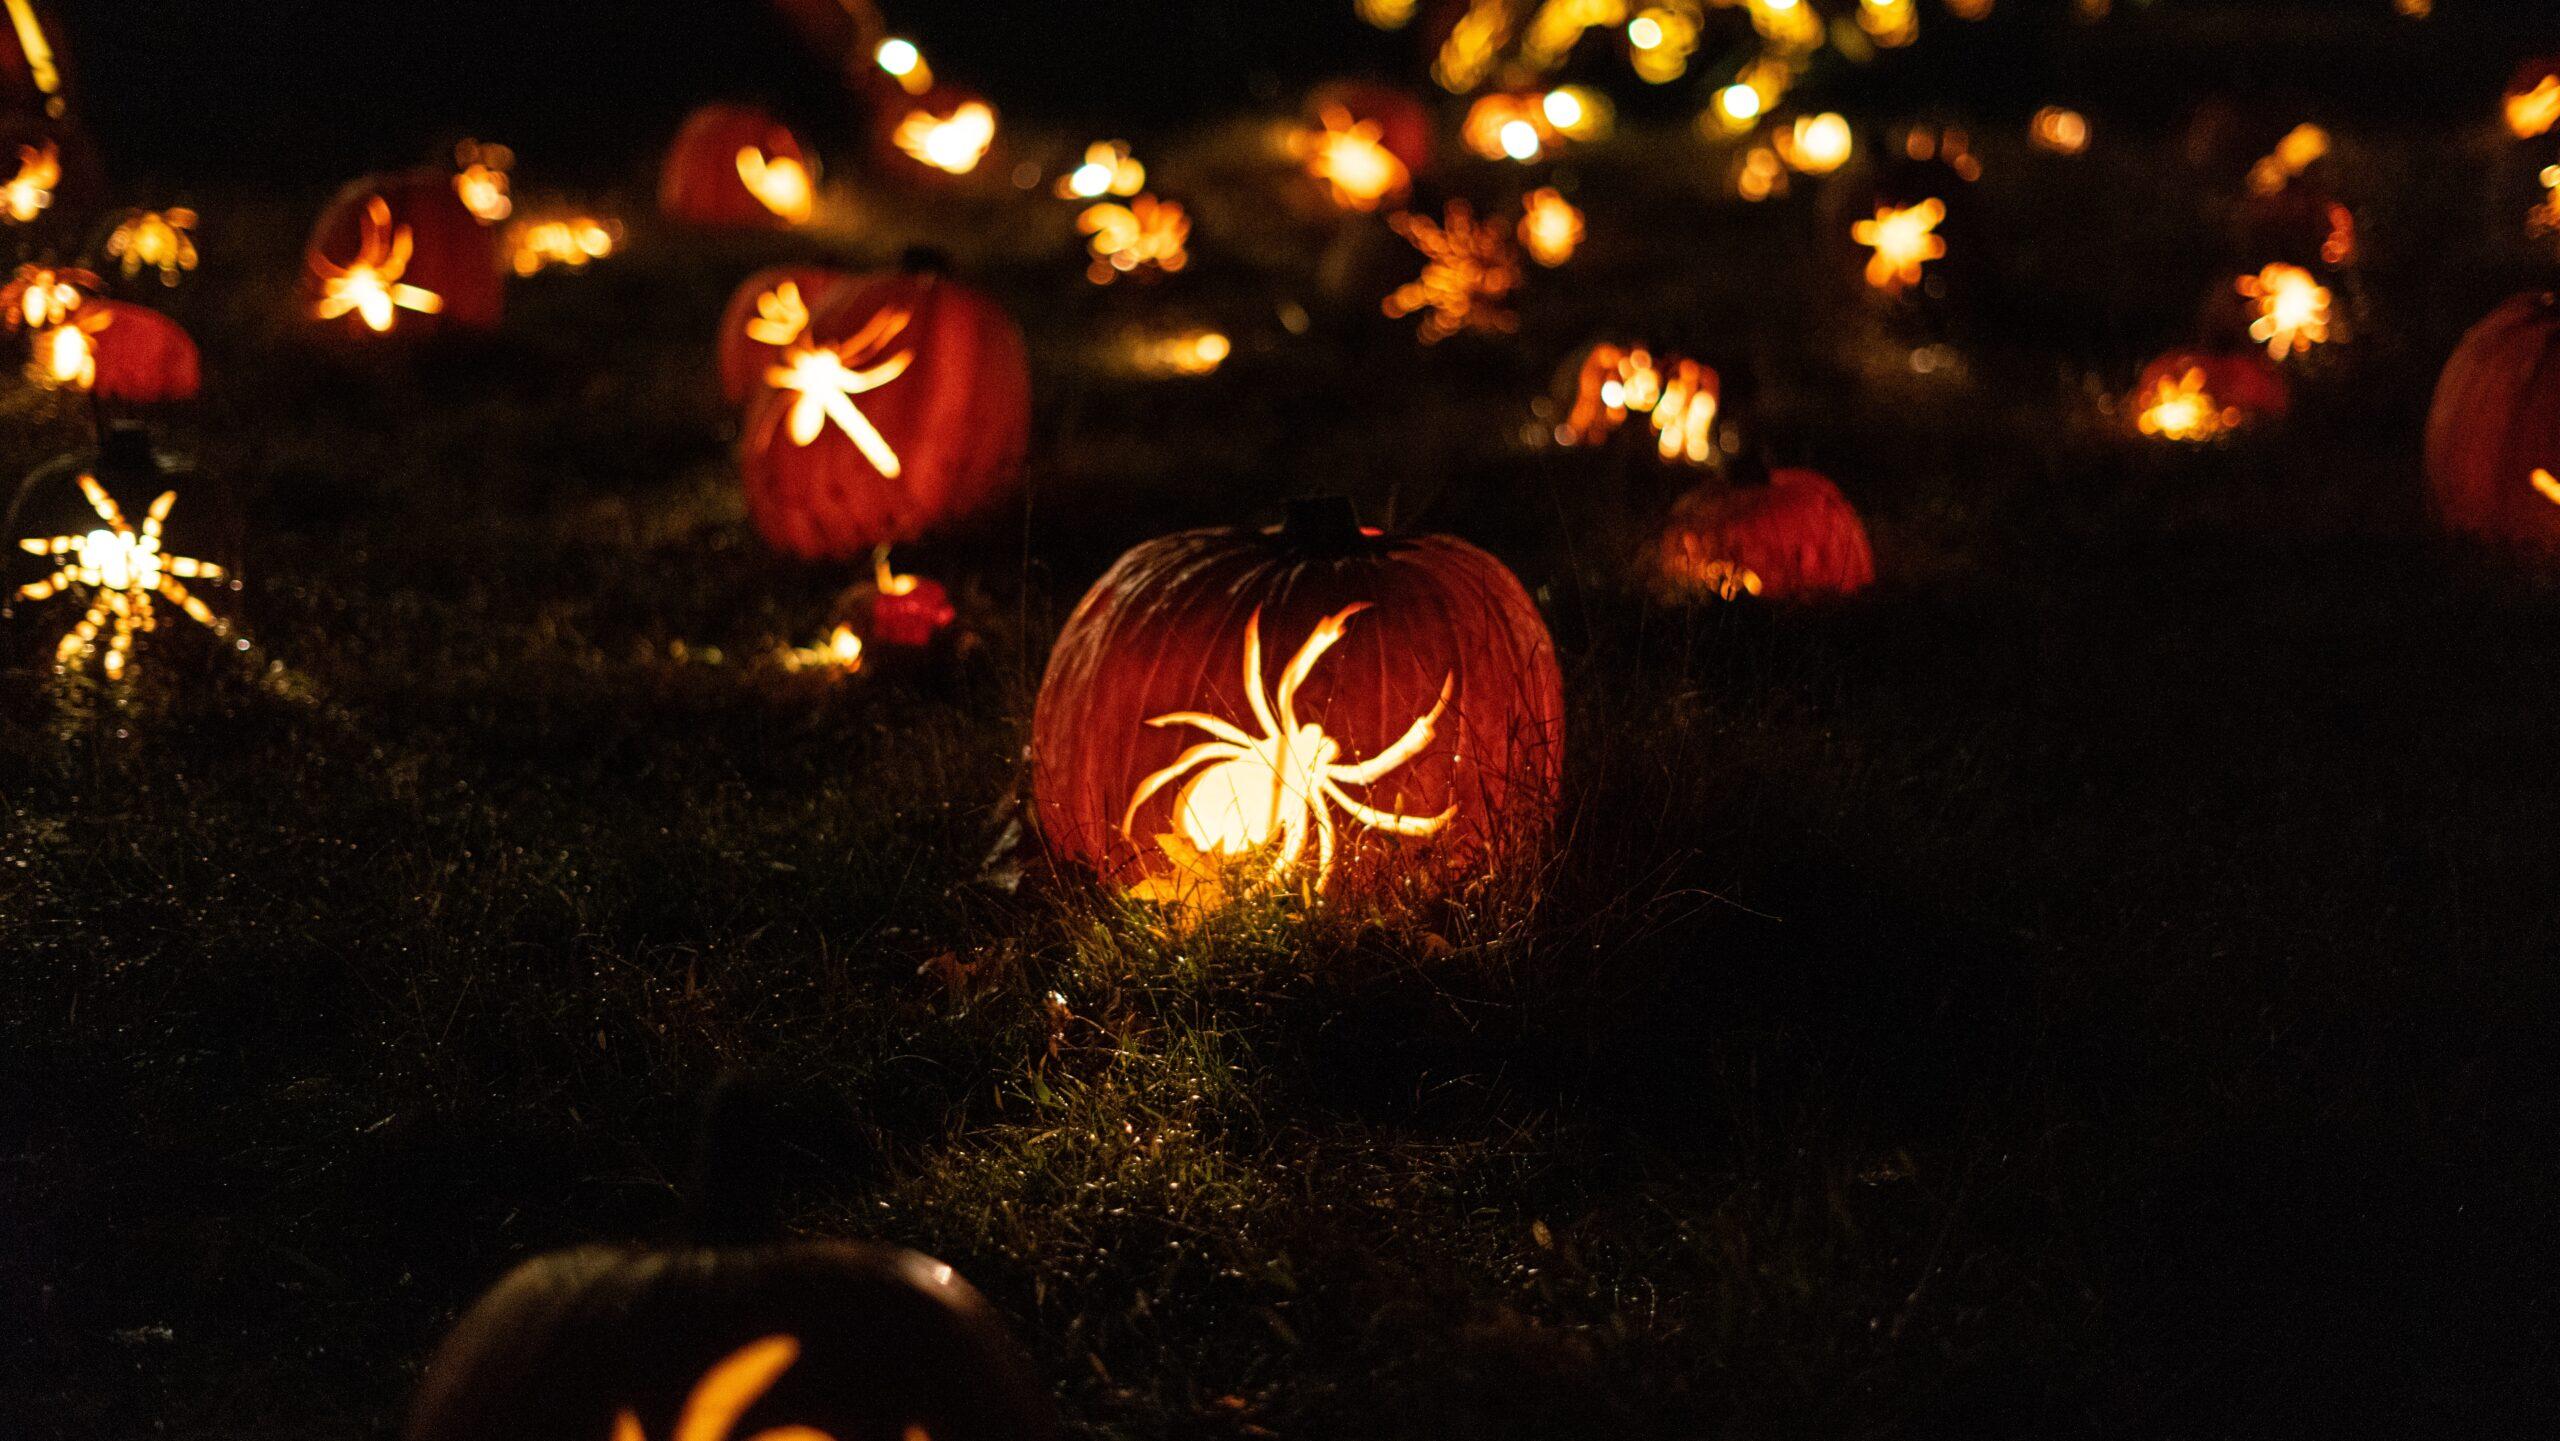 Straszne błędy w pozycjonowaniu - artykuł na Halloween